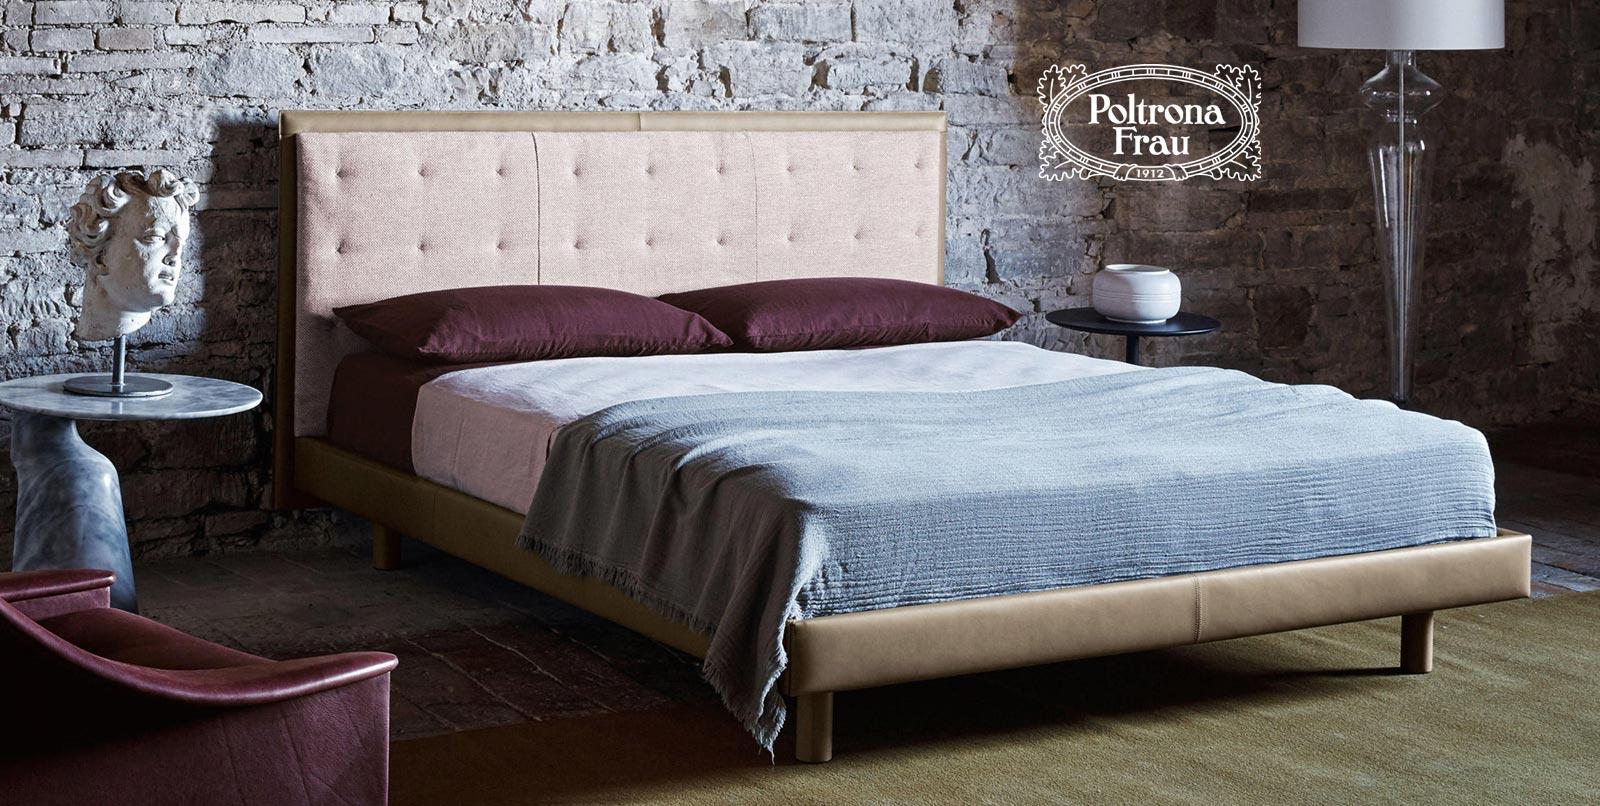 letto Gran Torino Coupè Bed di Poltrona Frau